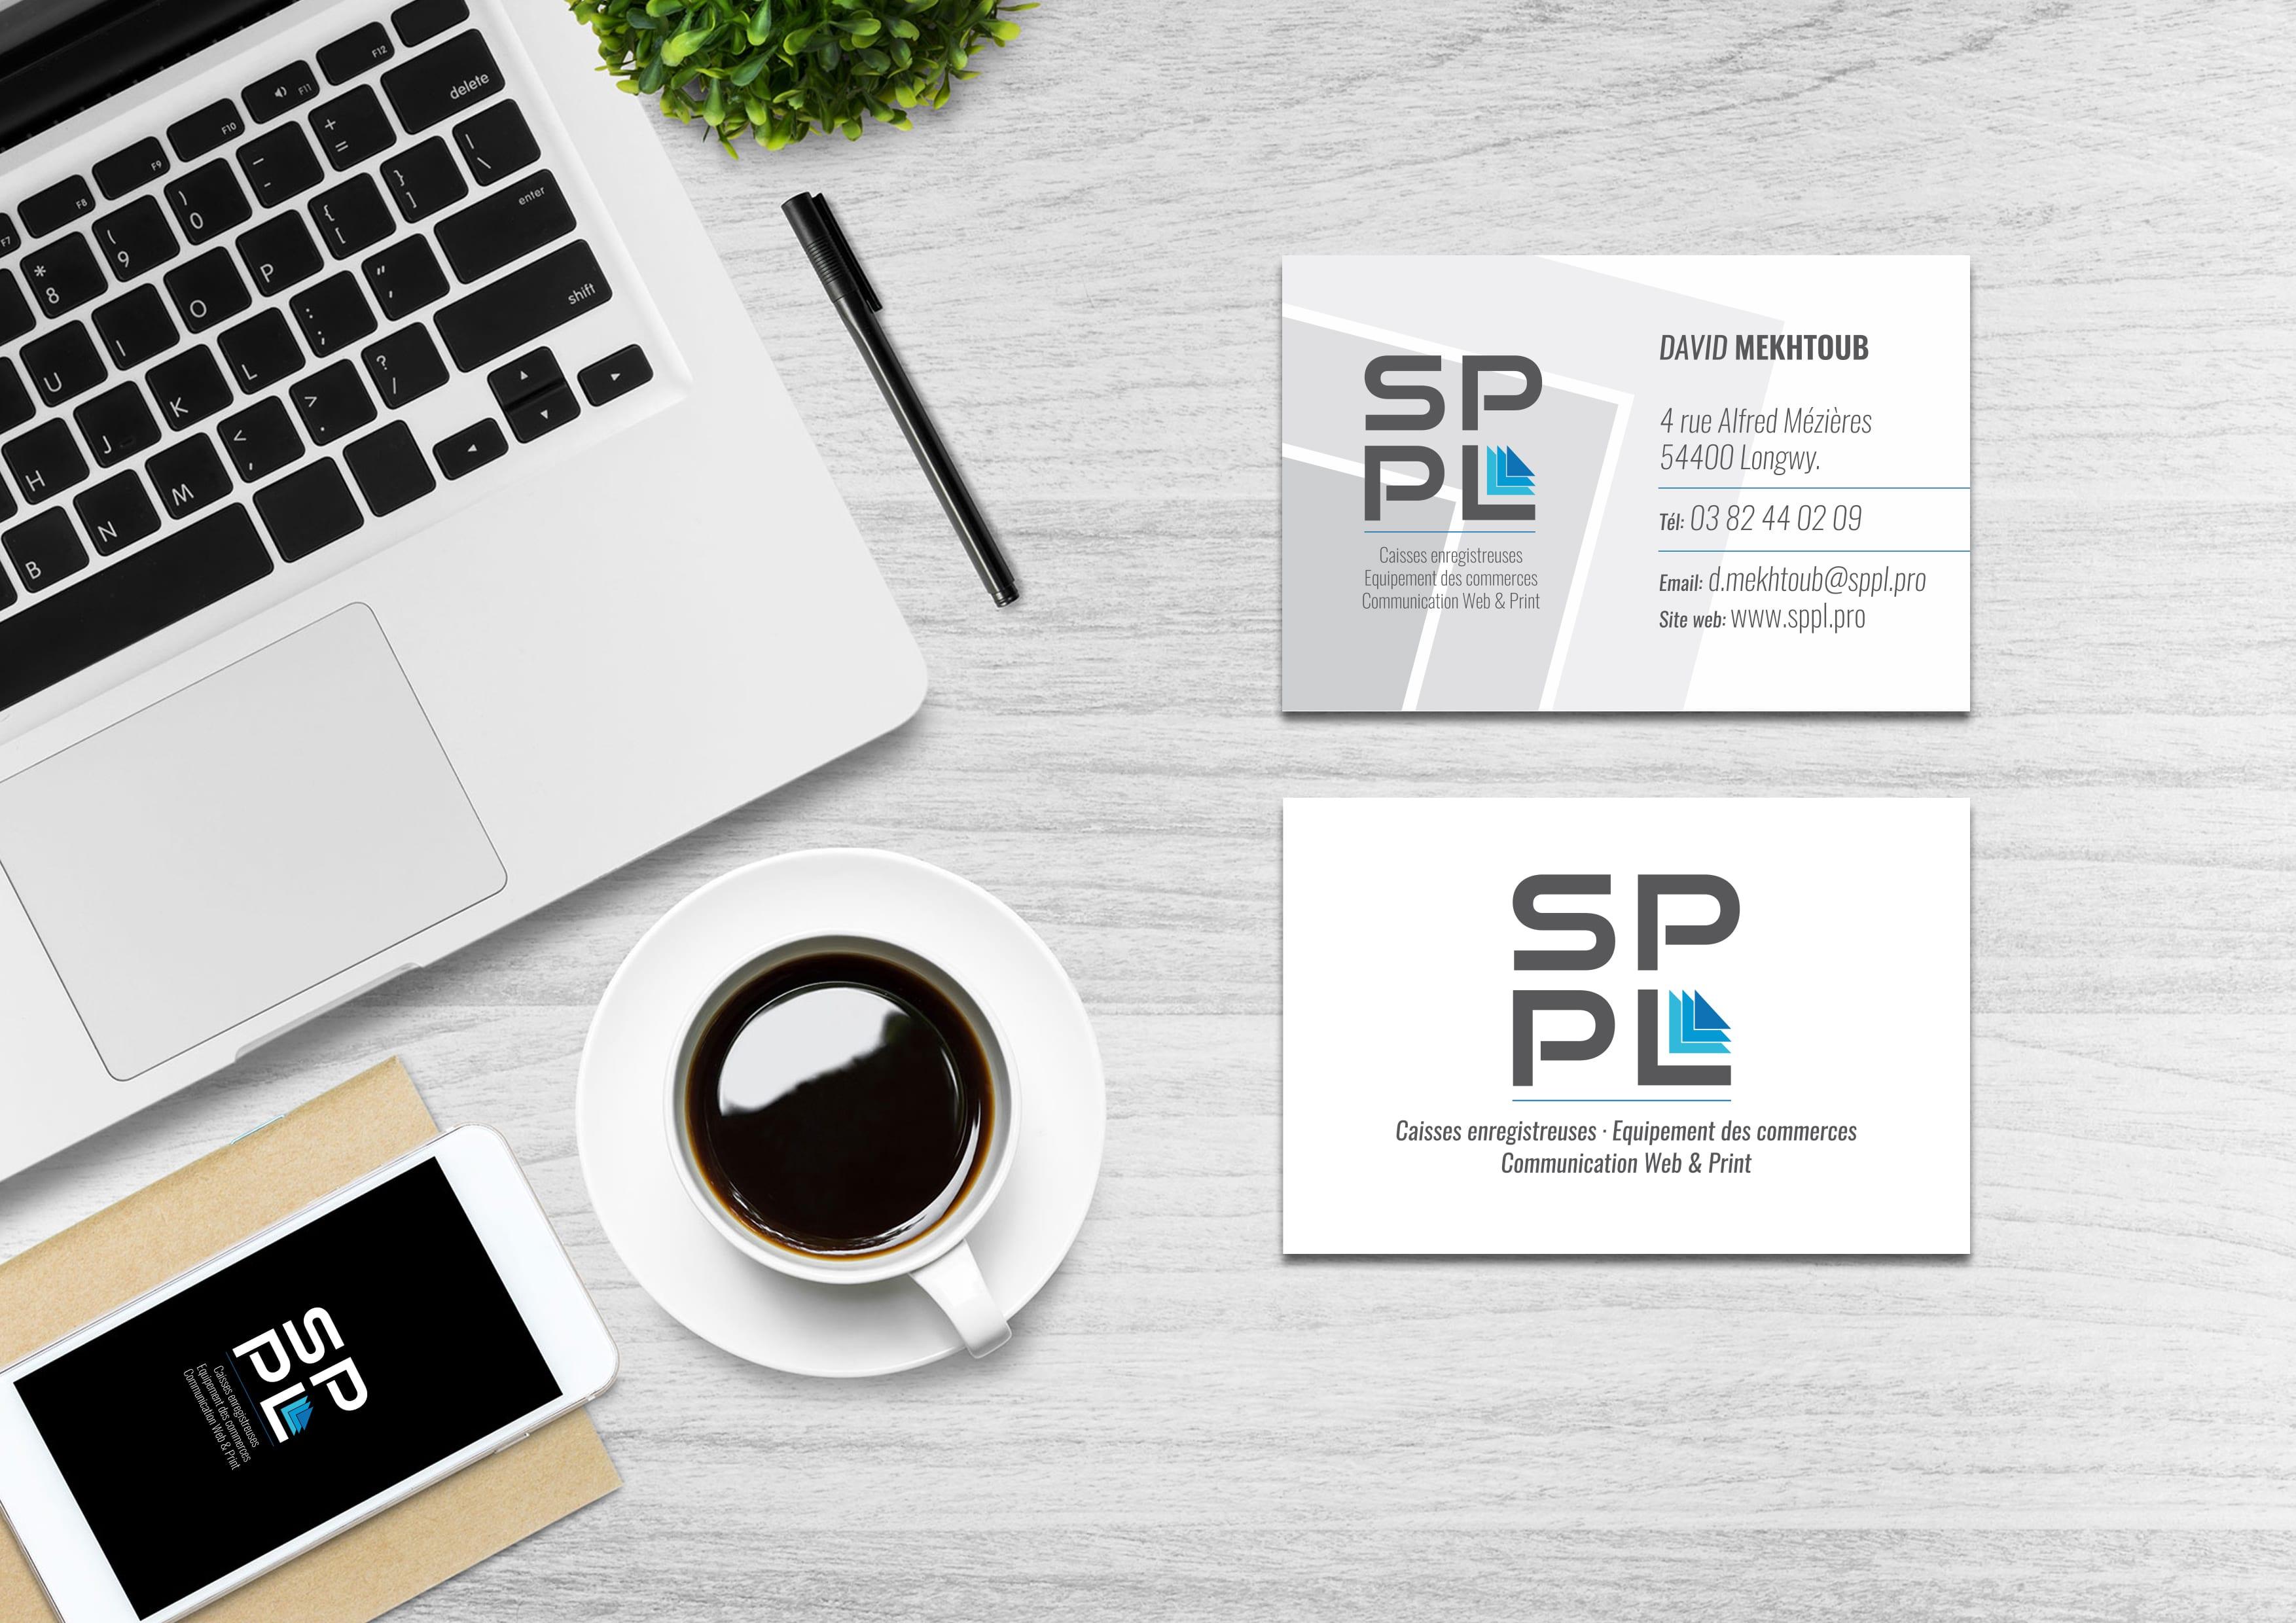 SPPL.pro réalisation des cartes de visites - design et impression